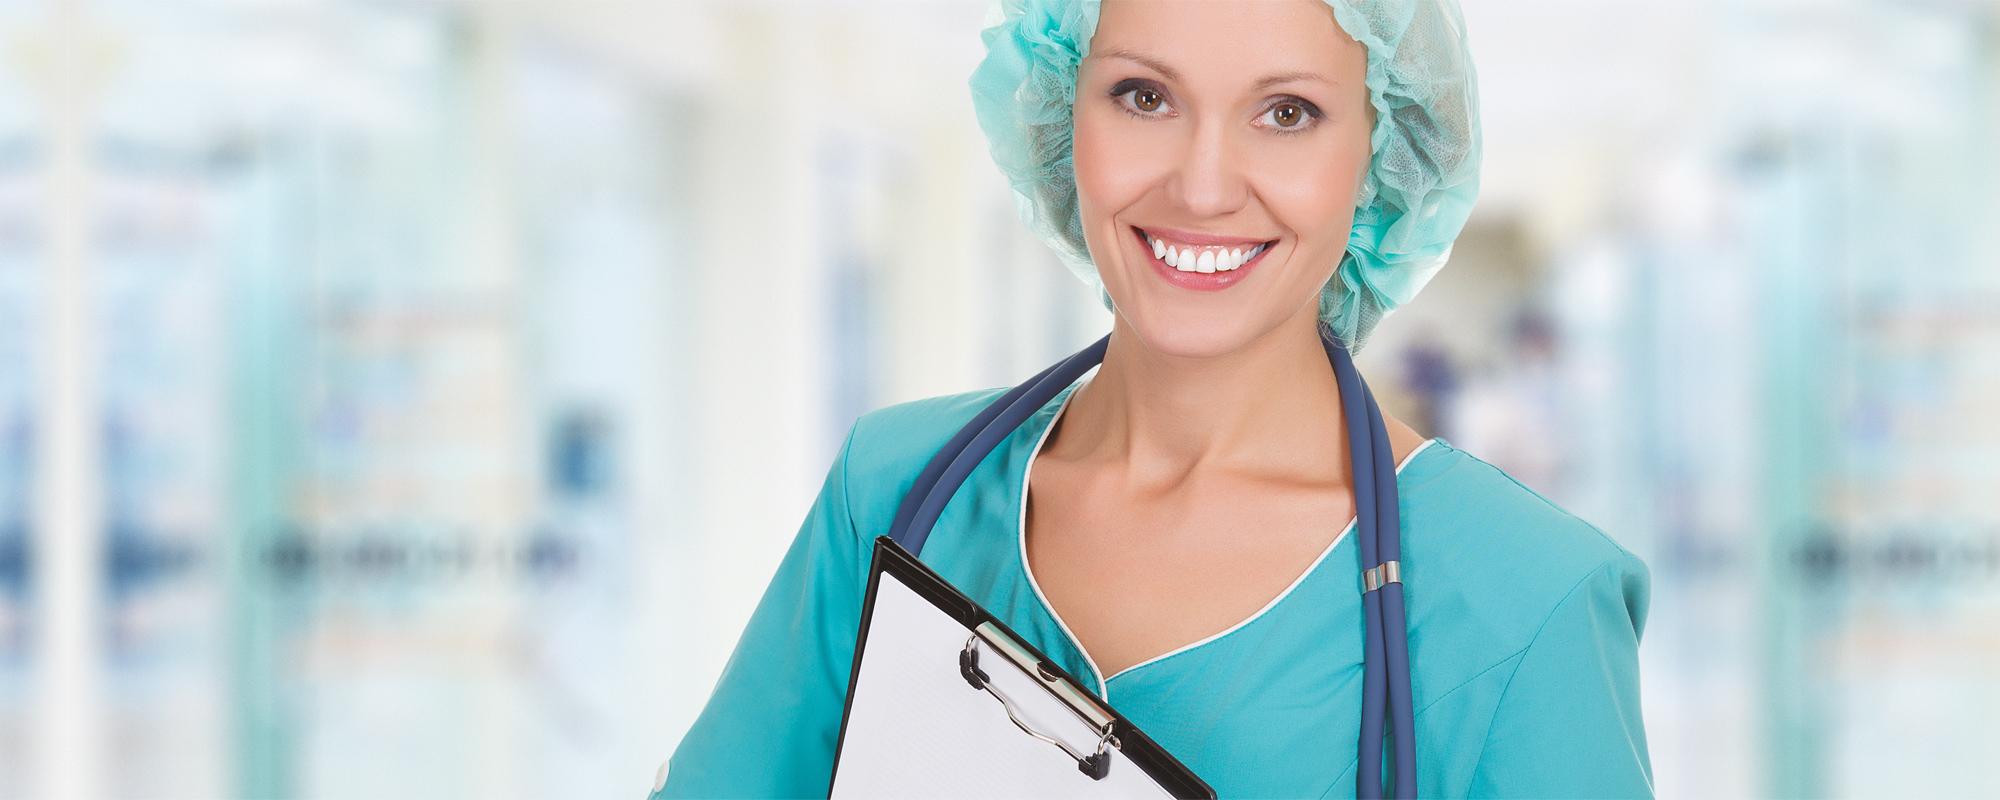 Προσωπική φροντίδα υγείας <span>για εσάς </span>